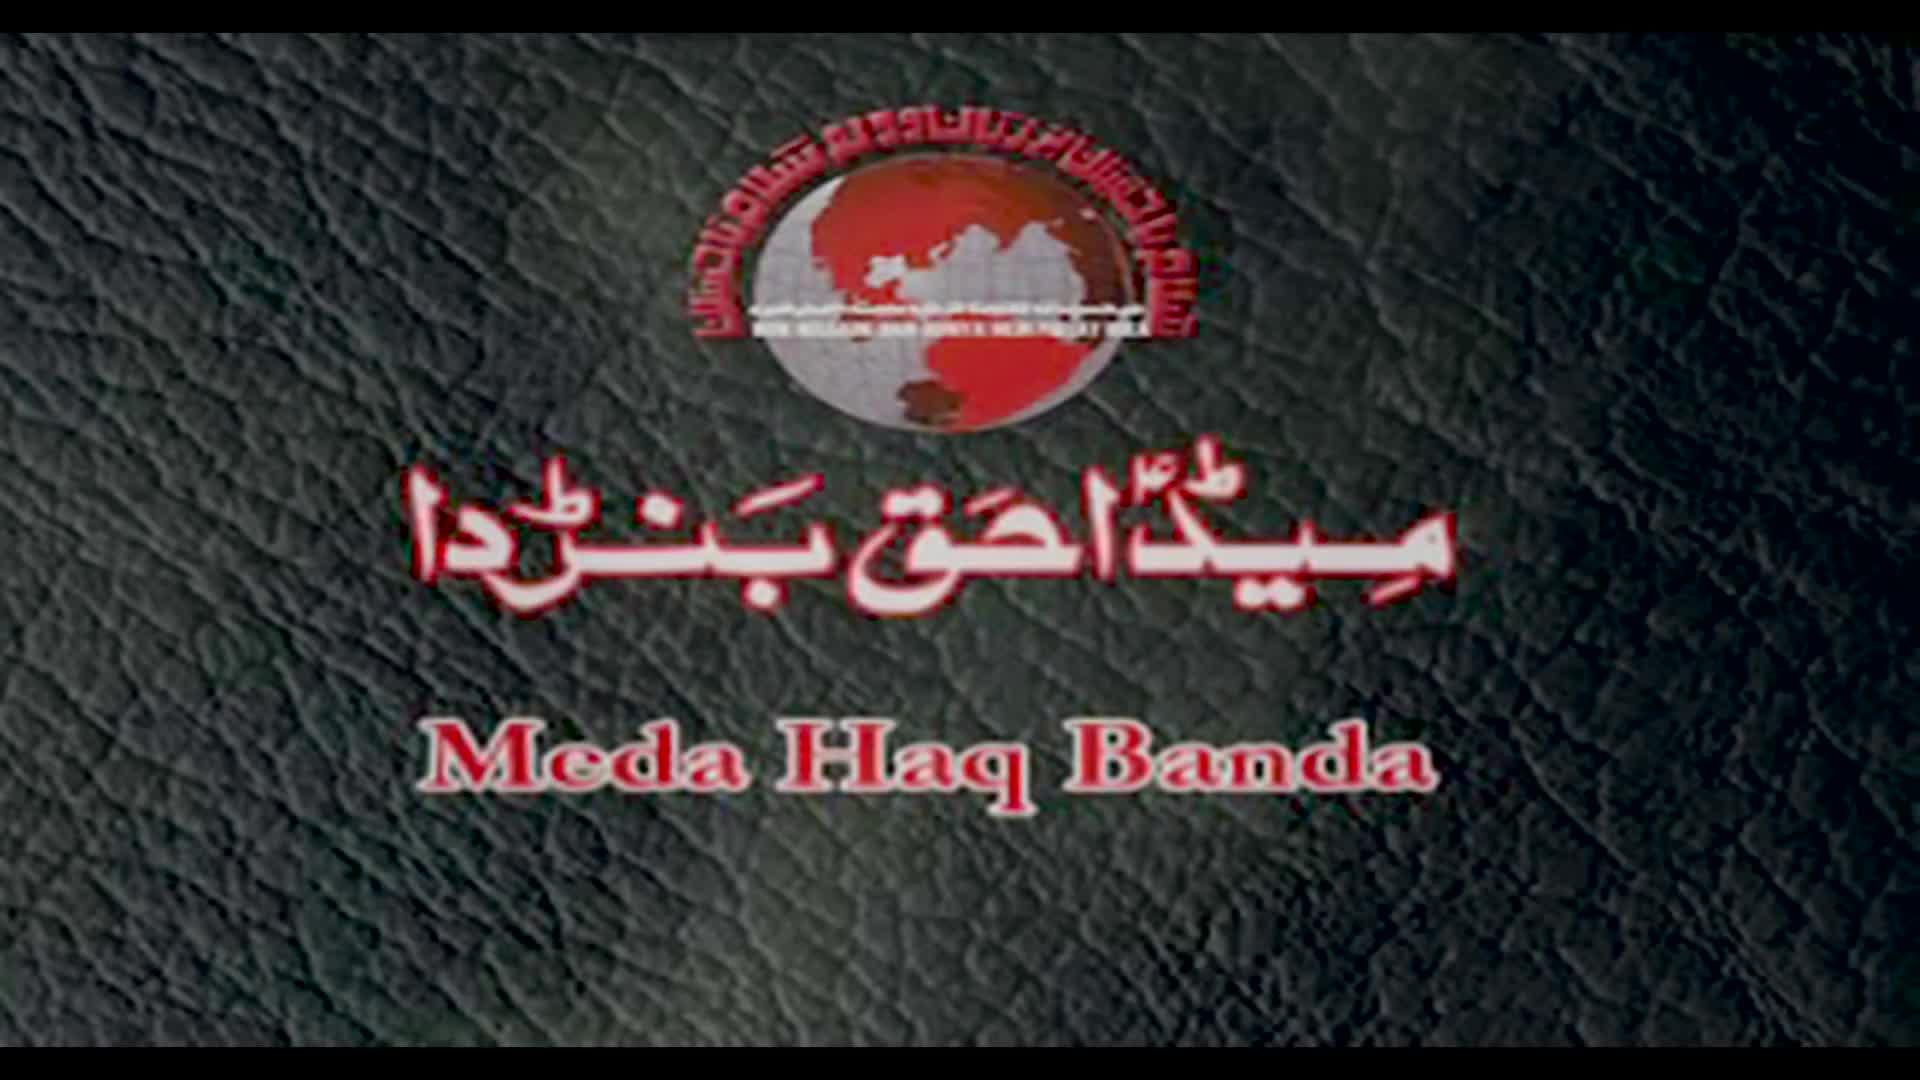 Medah Haq Barhda